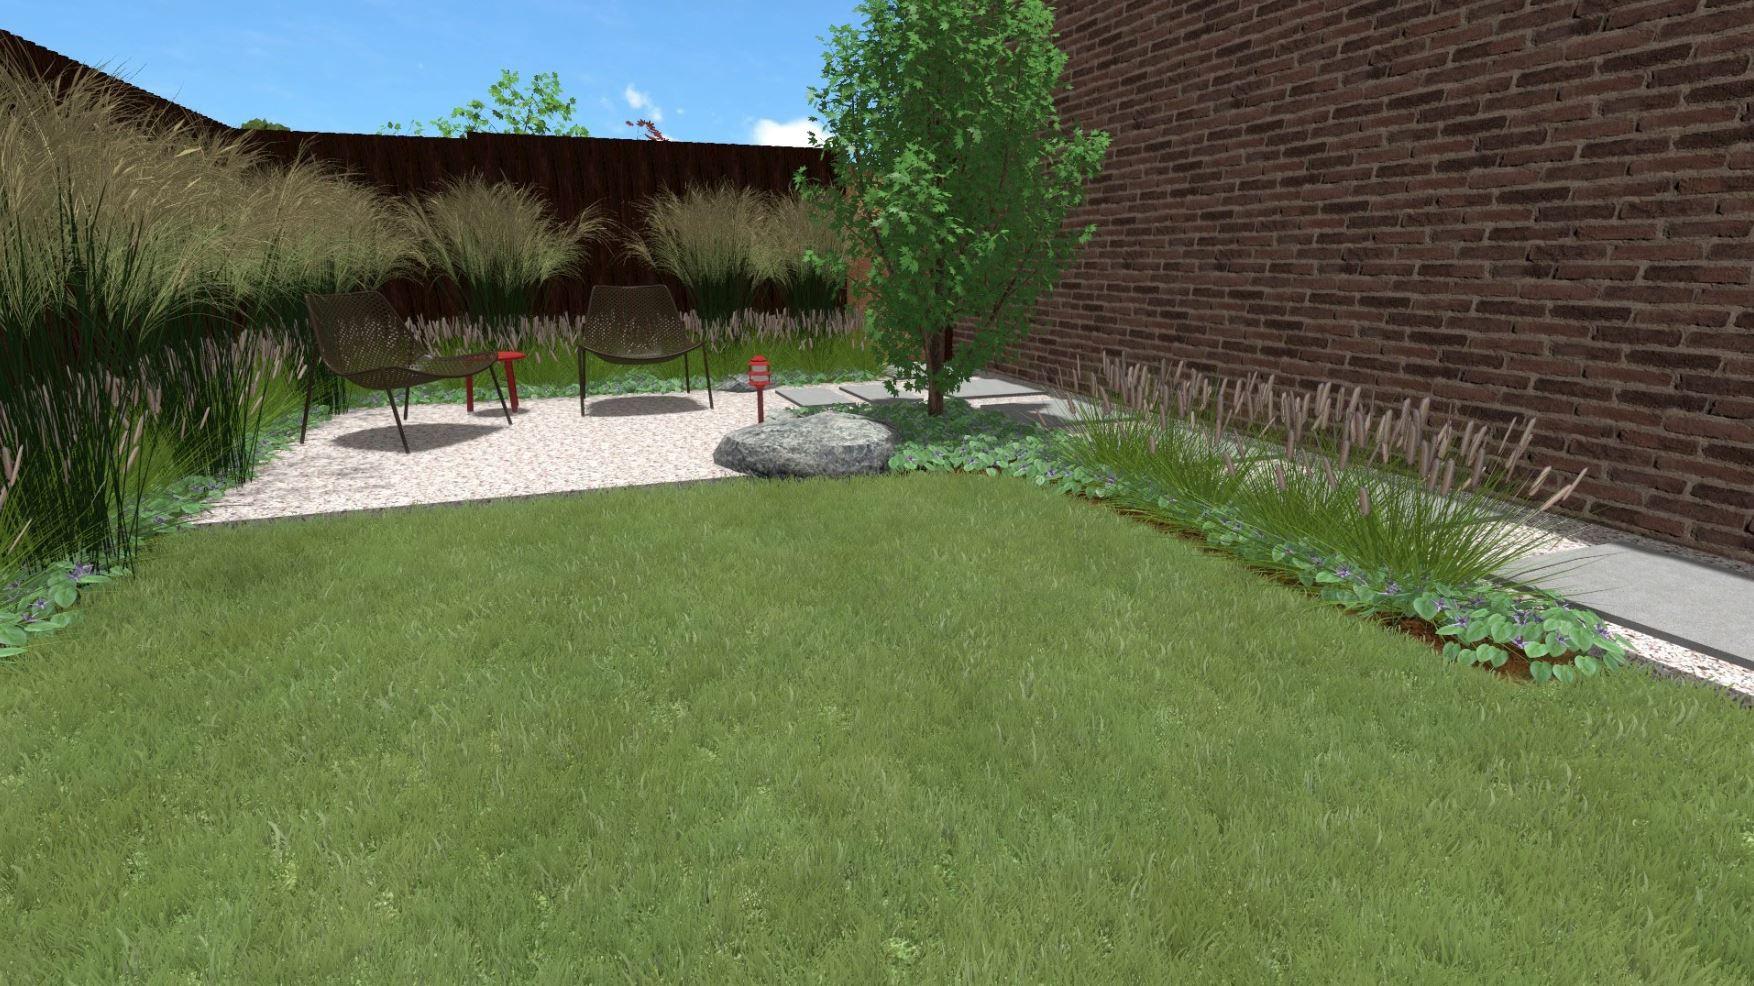 Project van de week oosterse tuin nijmegen gesselgroen for Tuin aanleggen nijmegen